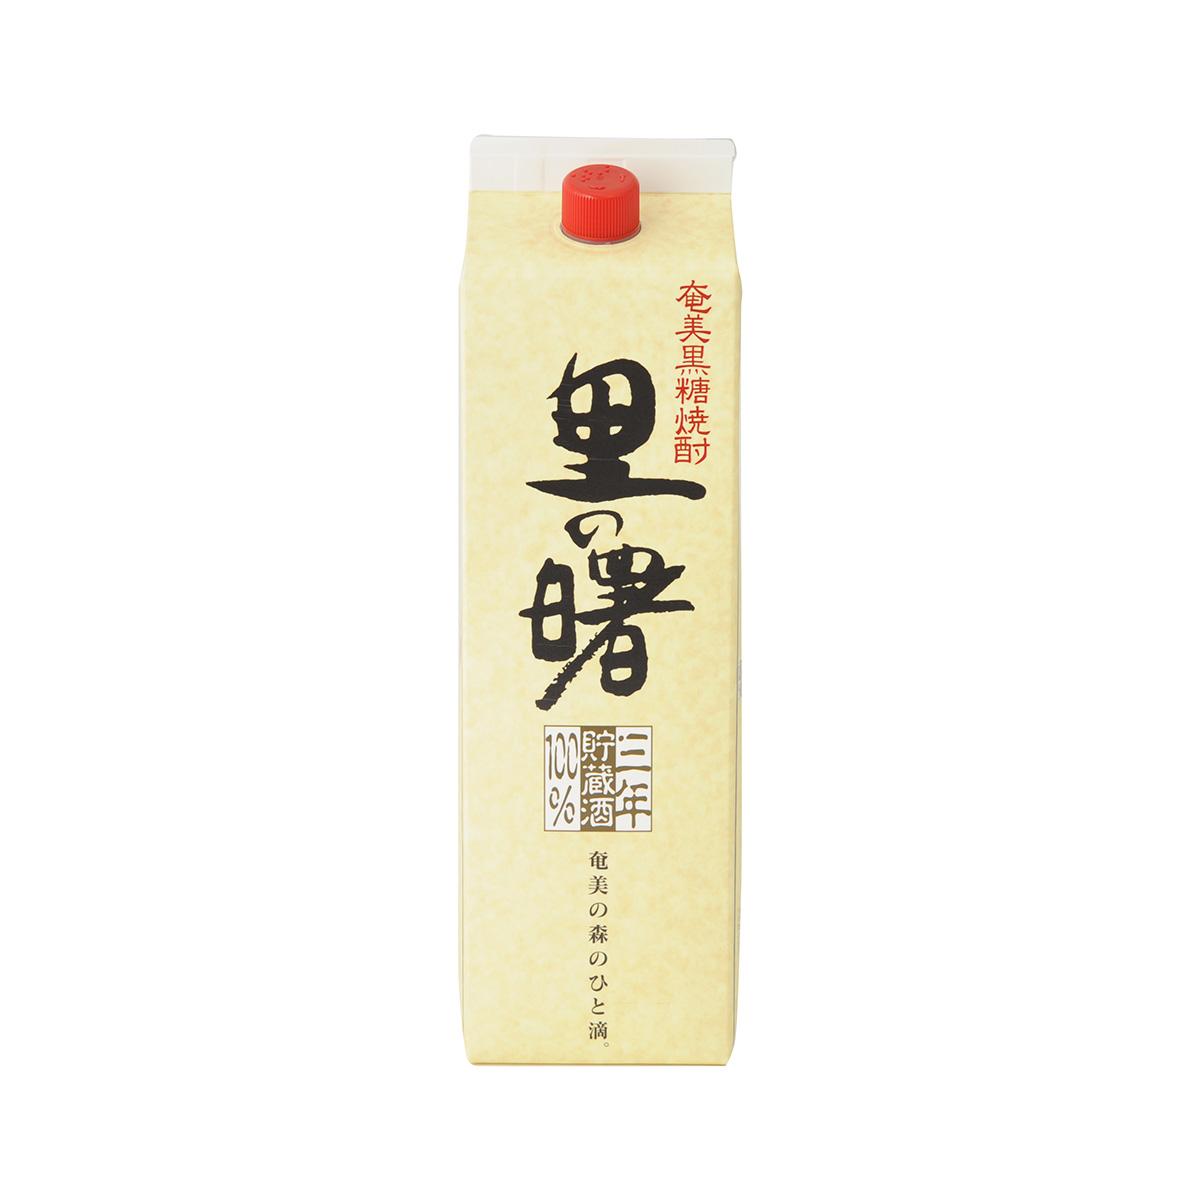 奄美黒糖焼酎/里の曙長期貯蔵紙パック 25度/900ml/町田酒造